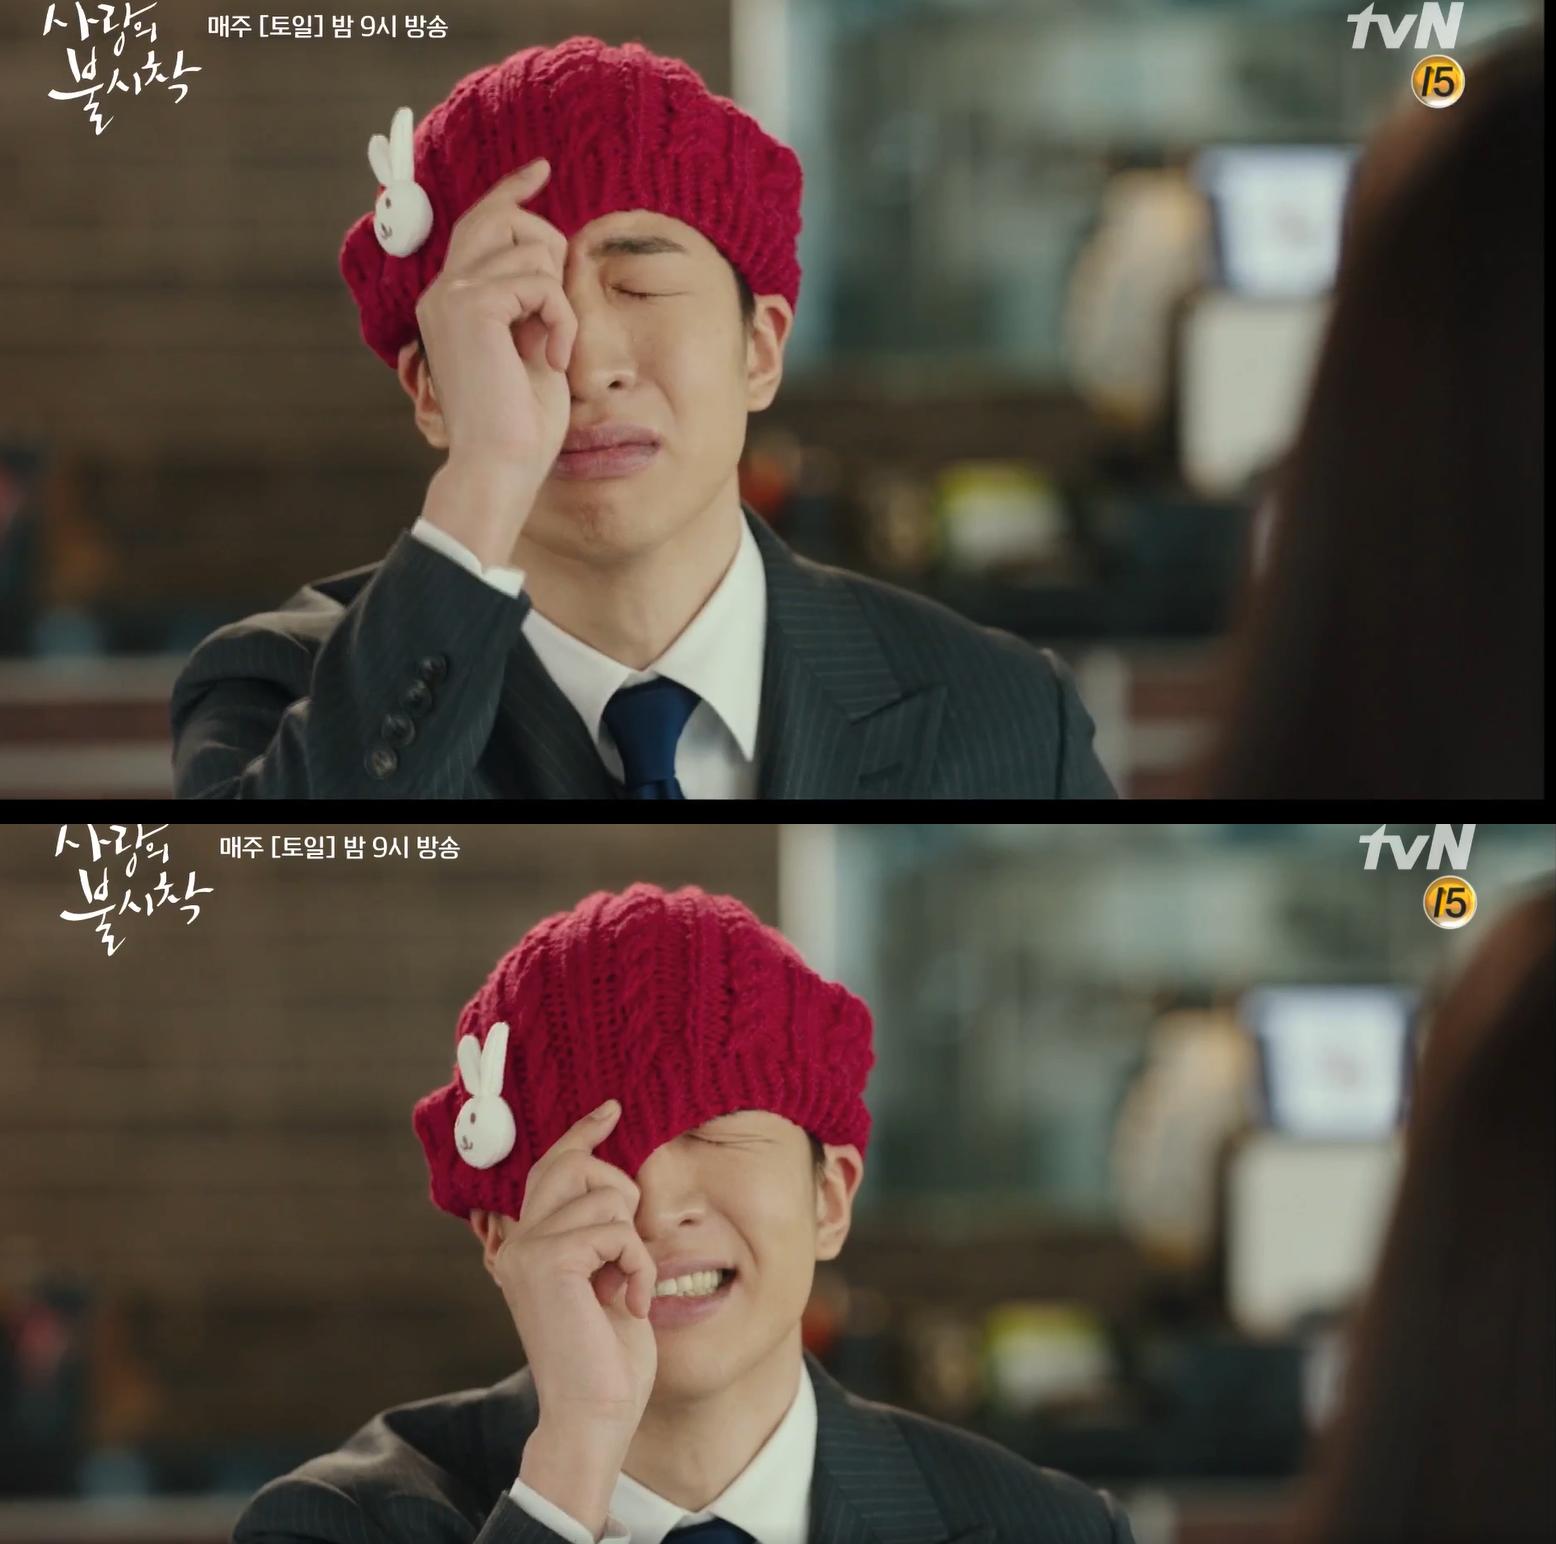 Choi Ju Meok khóc trong ngại ngùng vì xúc động